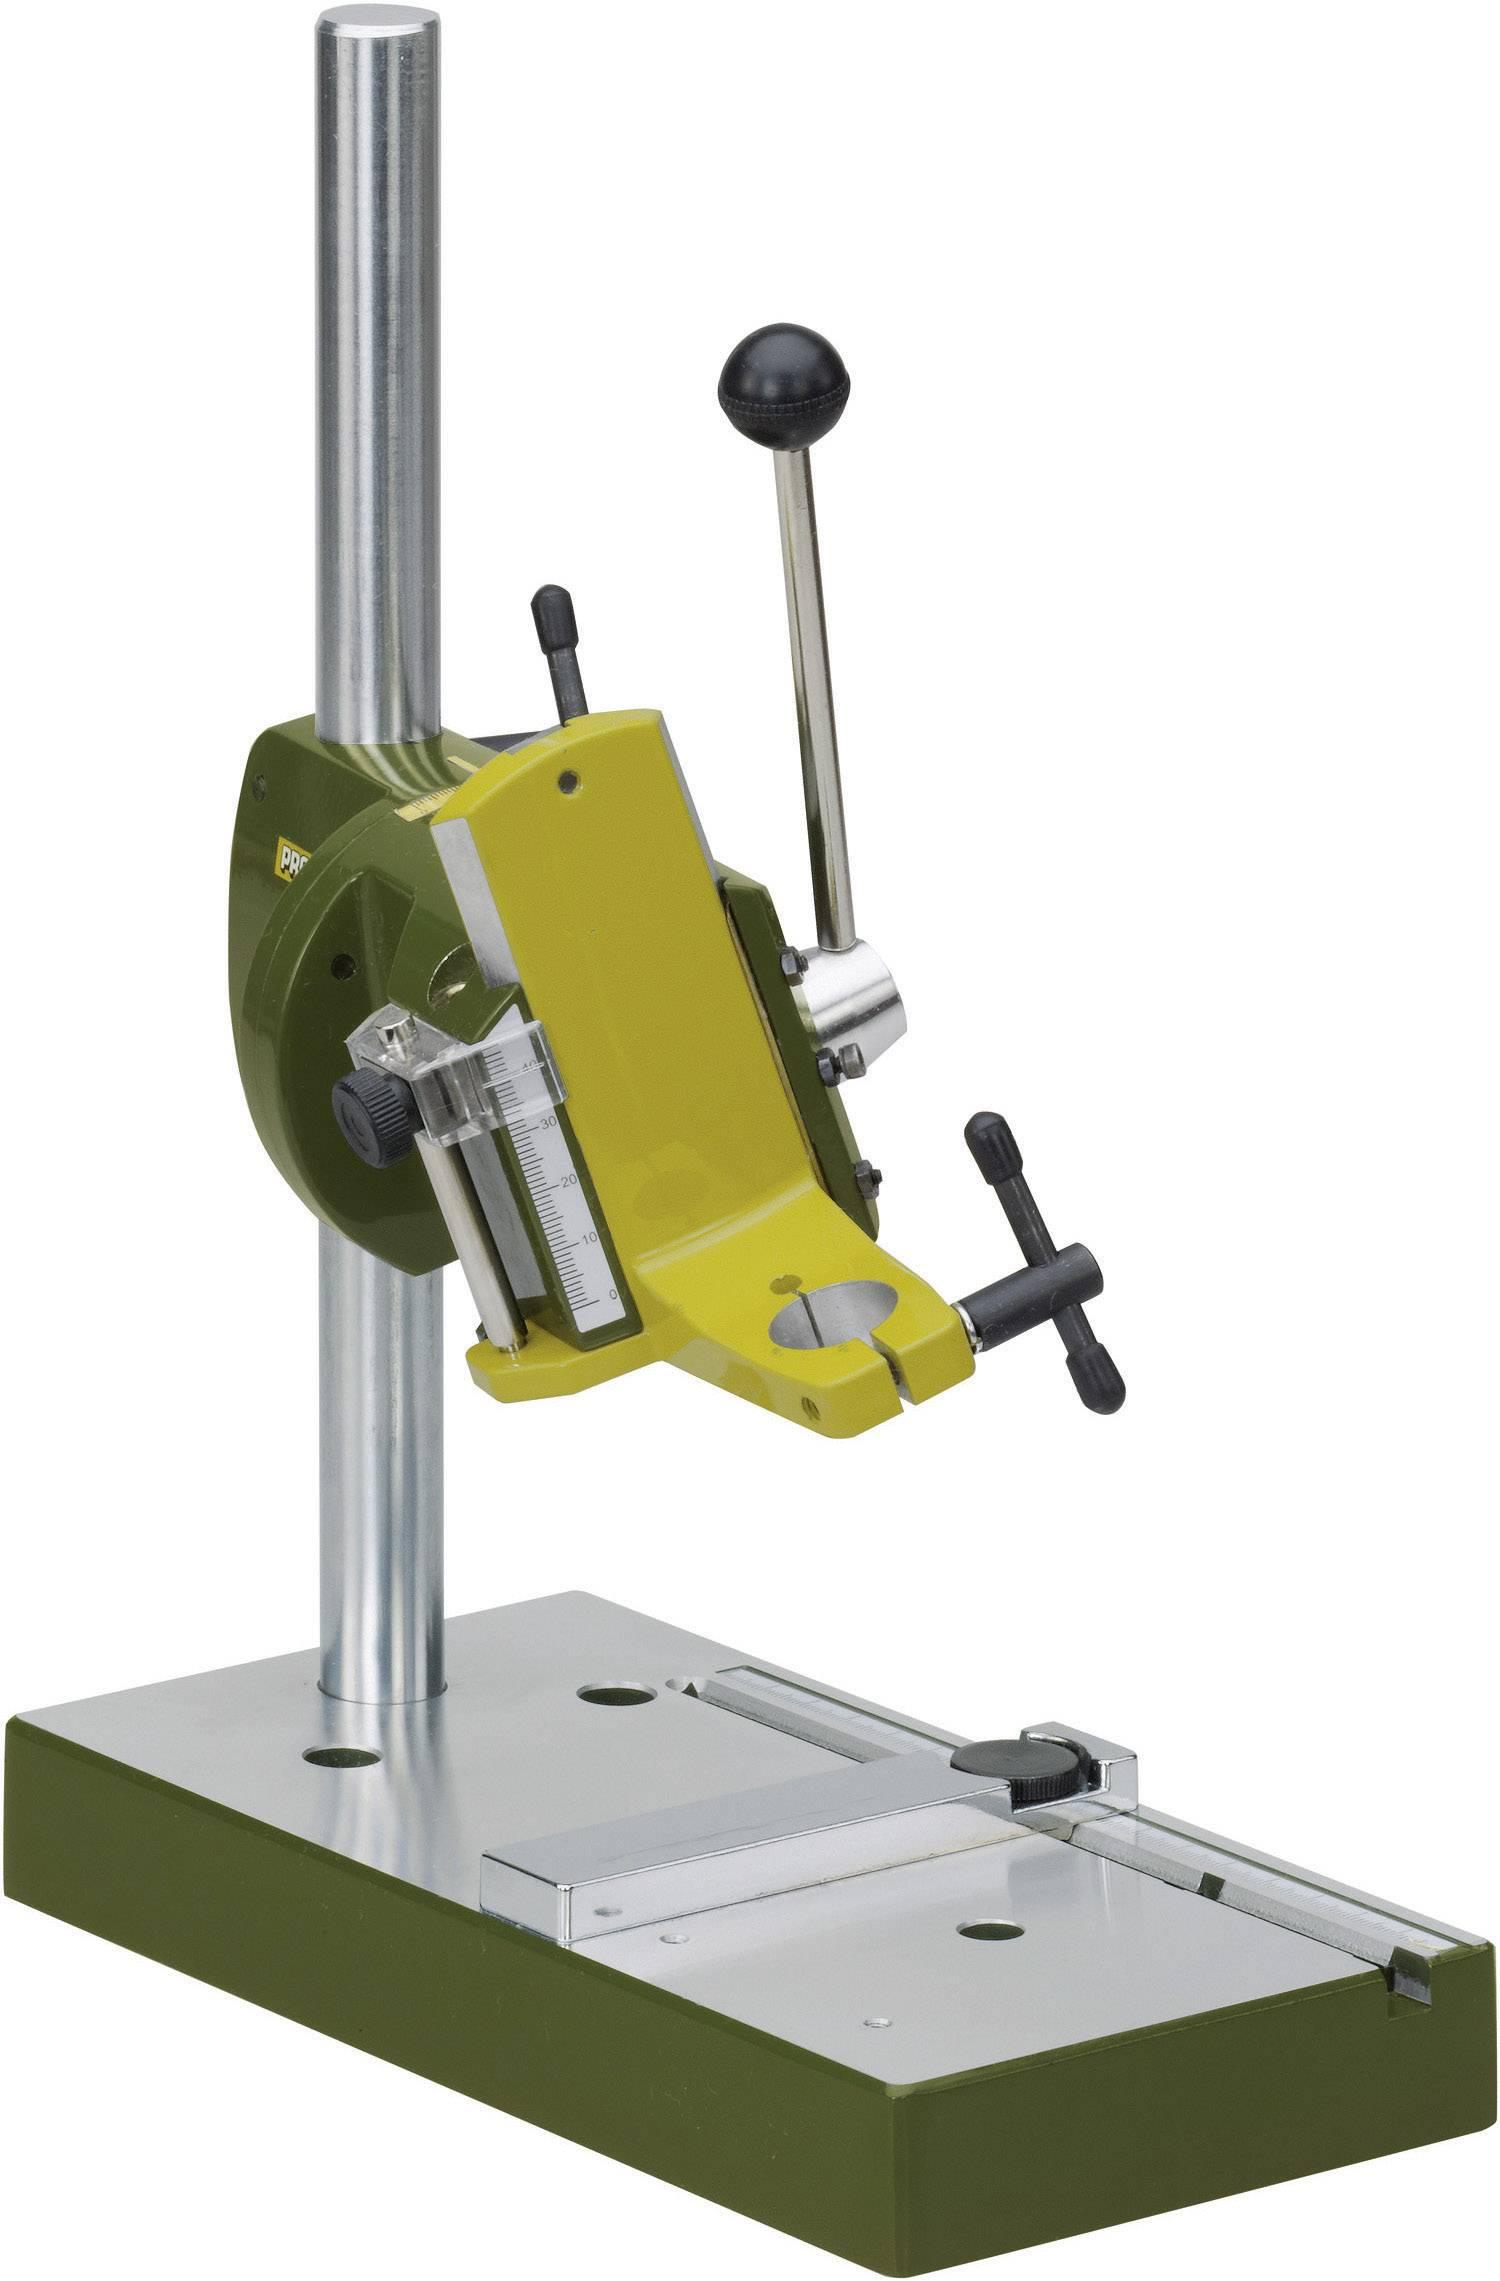 Stojanový držák na vrtačku Proxxon Micromot MB 200 28 600, Výška 280 mm